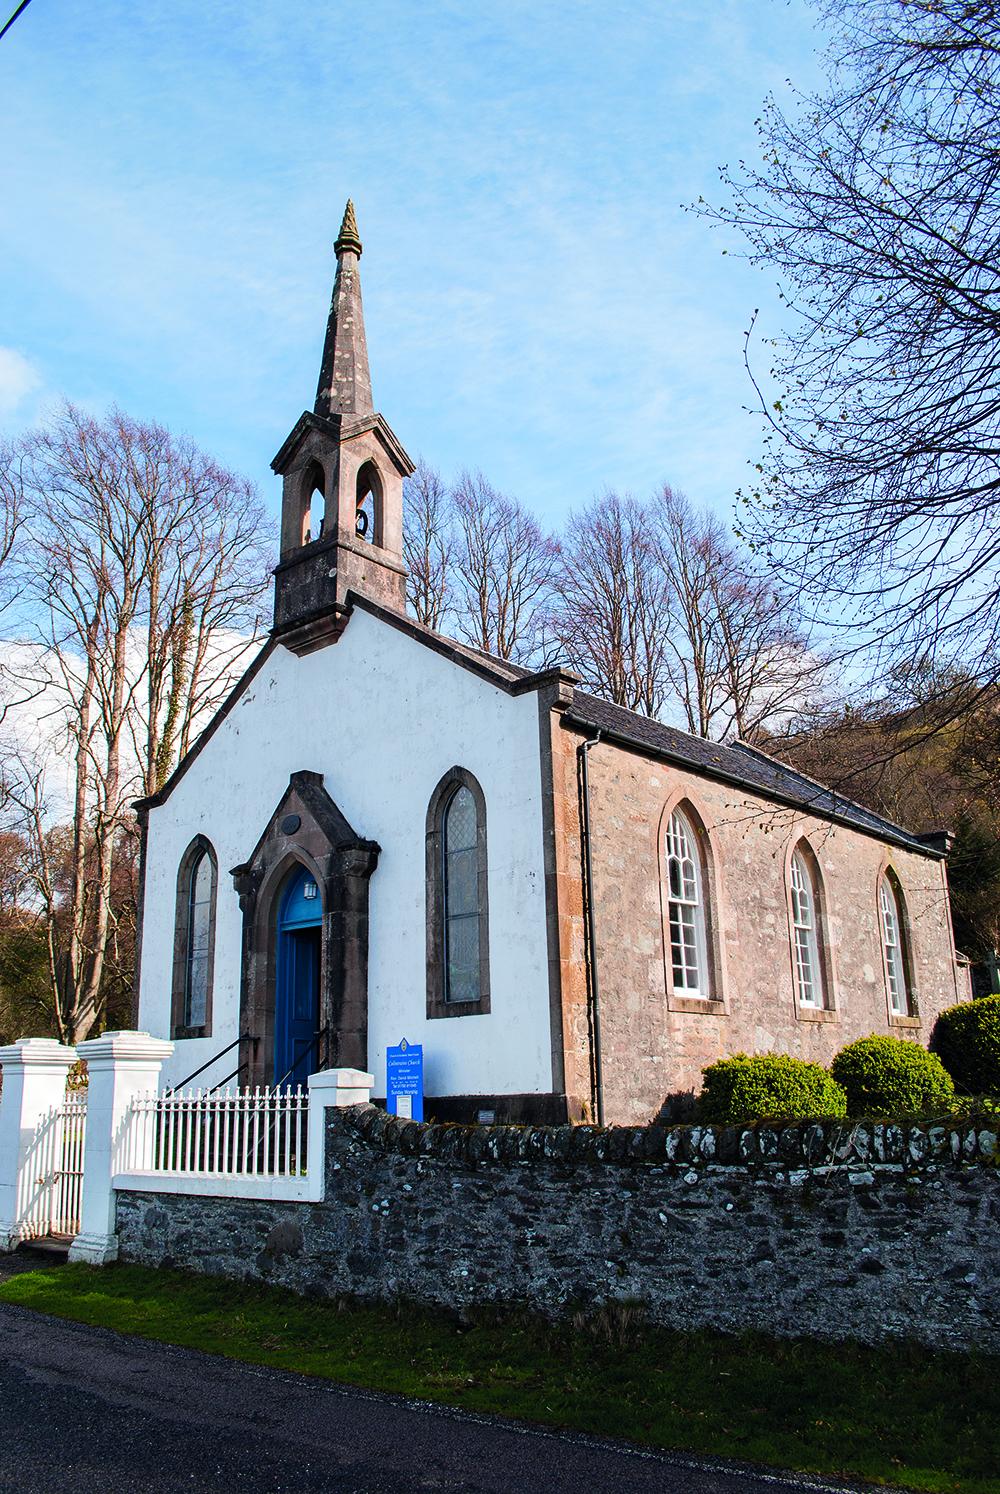 Colintraive Church, Colintraive, Scotland, churches